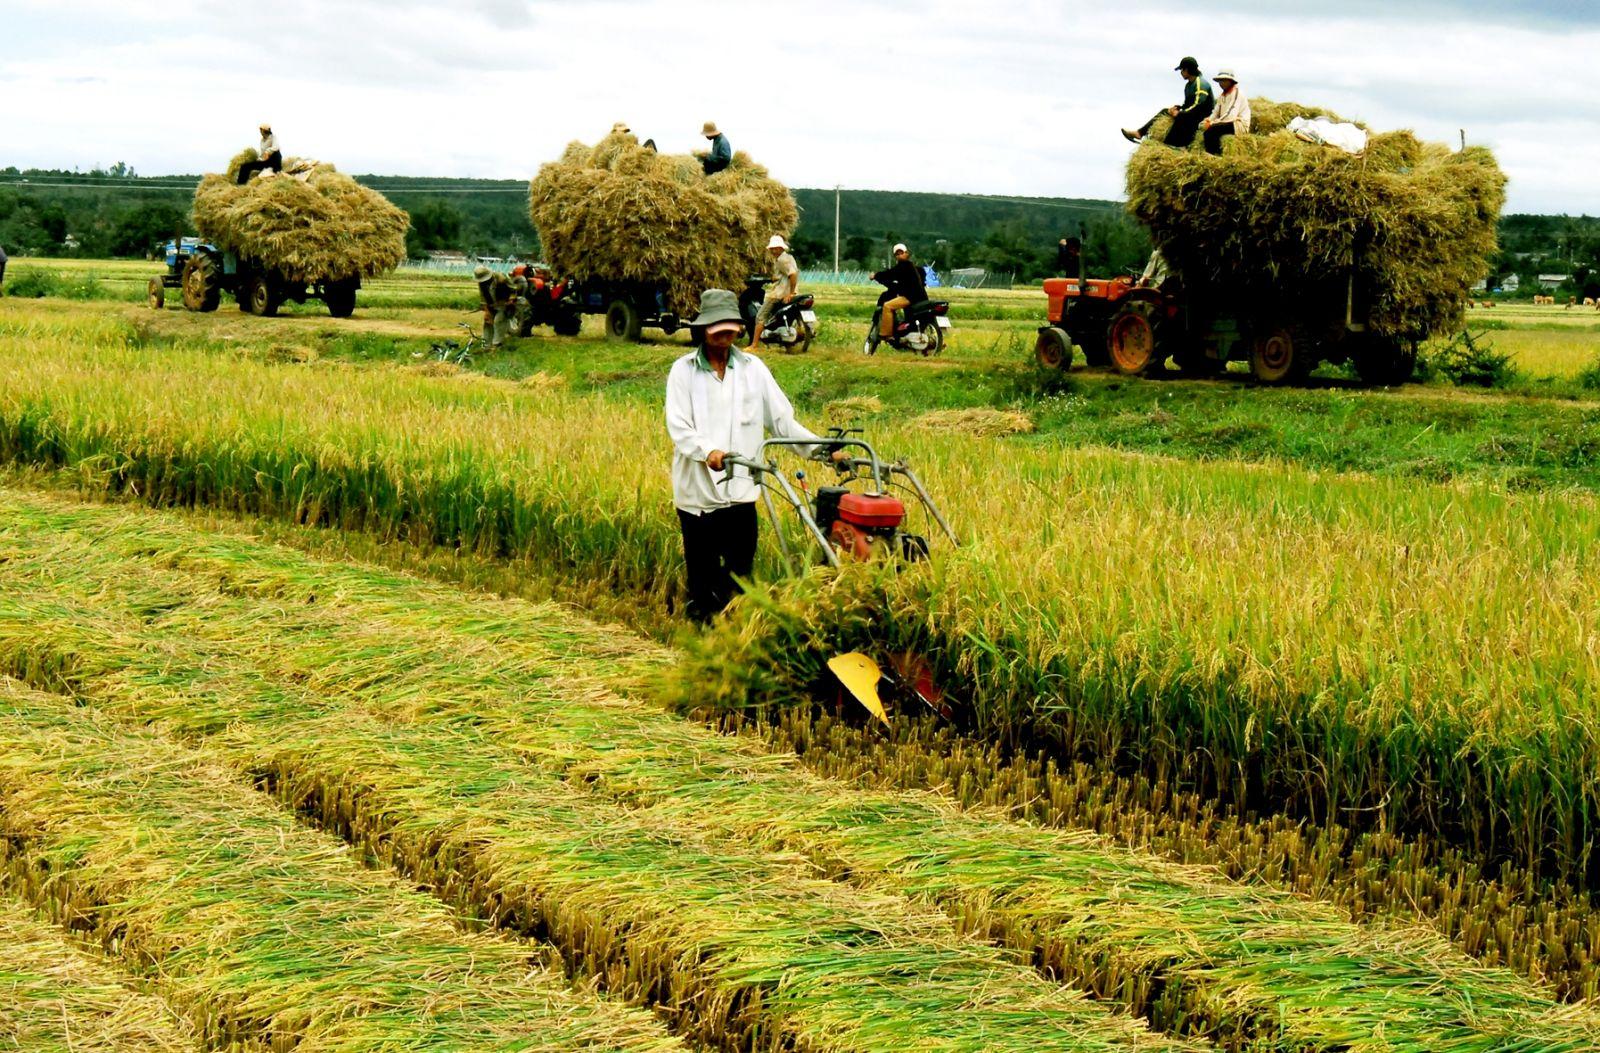 Việc miễn thuế đất nông nghiệp với từng hộ nông dân có ý nghĩa động viên và khuyến khích họ đẩy mạnh, phát triển sản xuất trong giai đoạn kinh tế gặp nhiều khó khăn bởi đại dịch Covid-19. Nguồn ảnh: Tạp chí Thời Đại